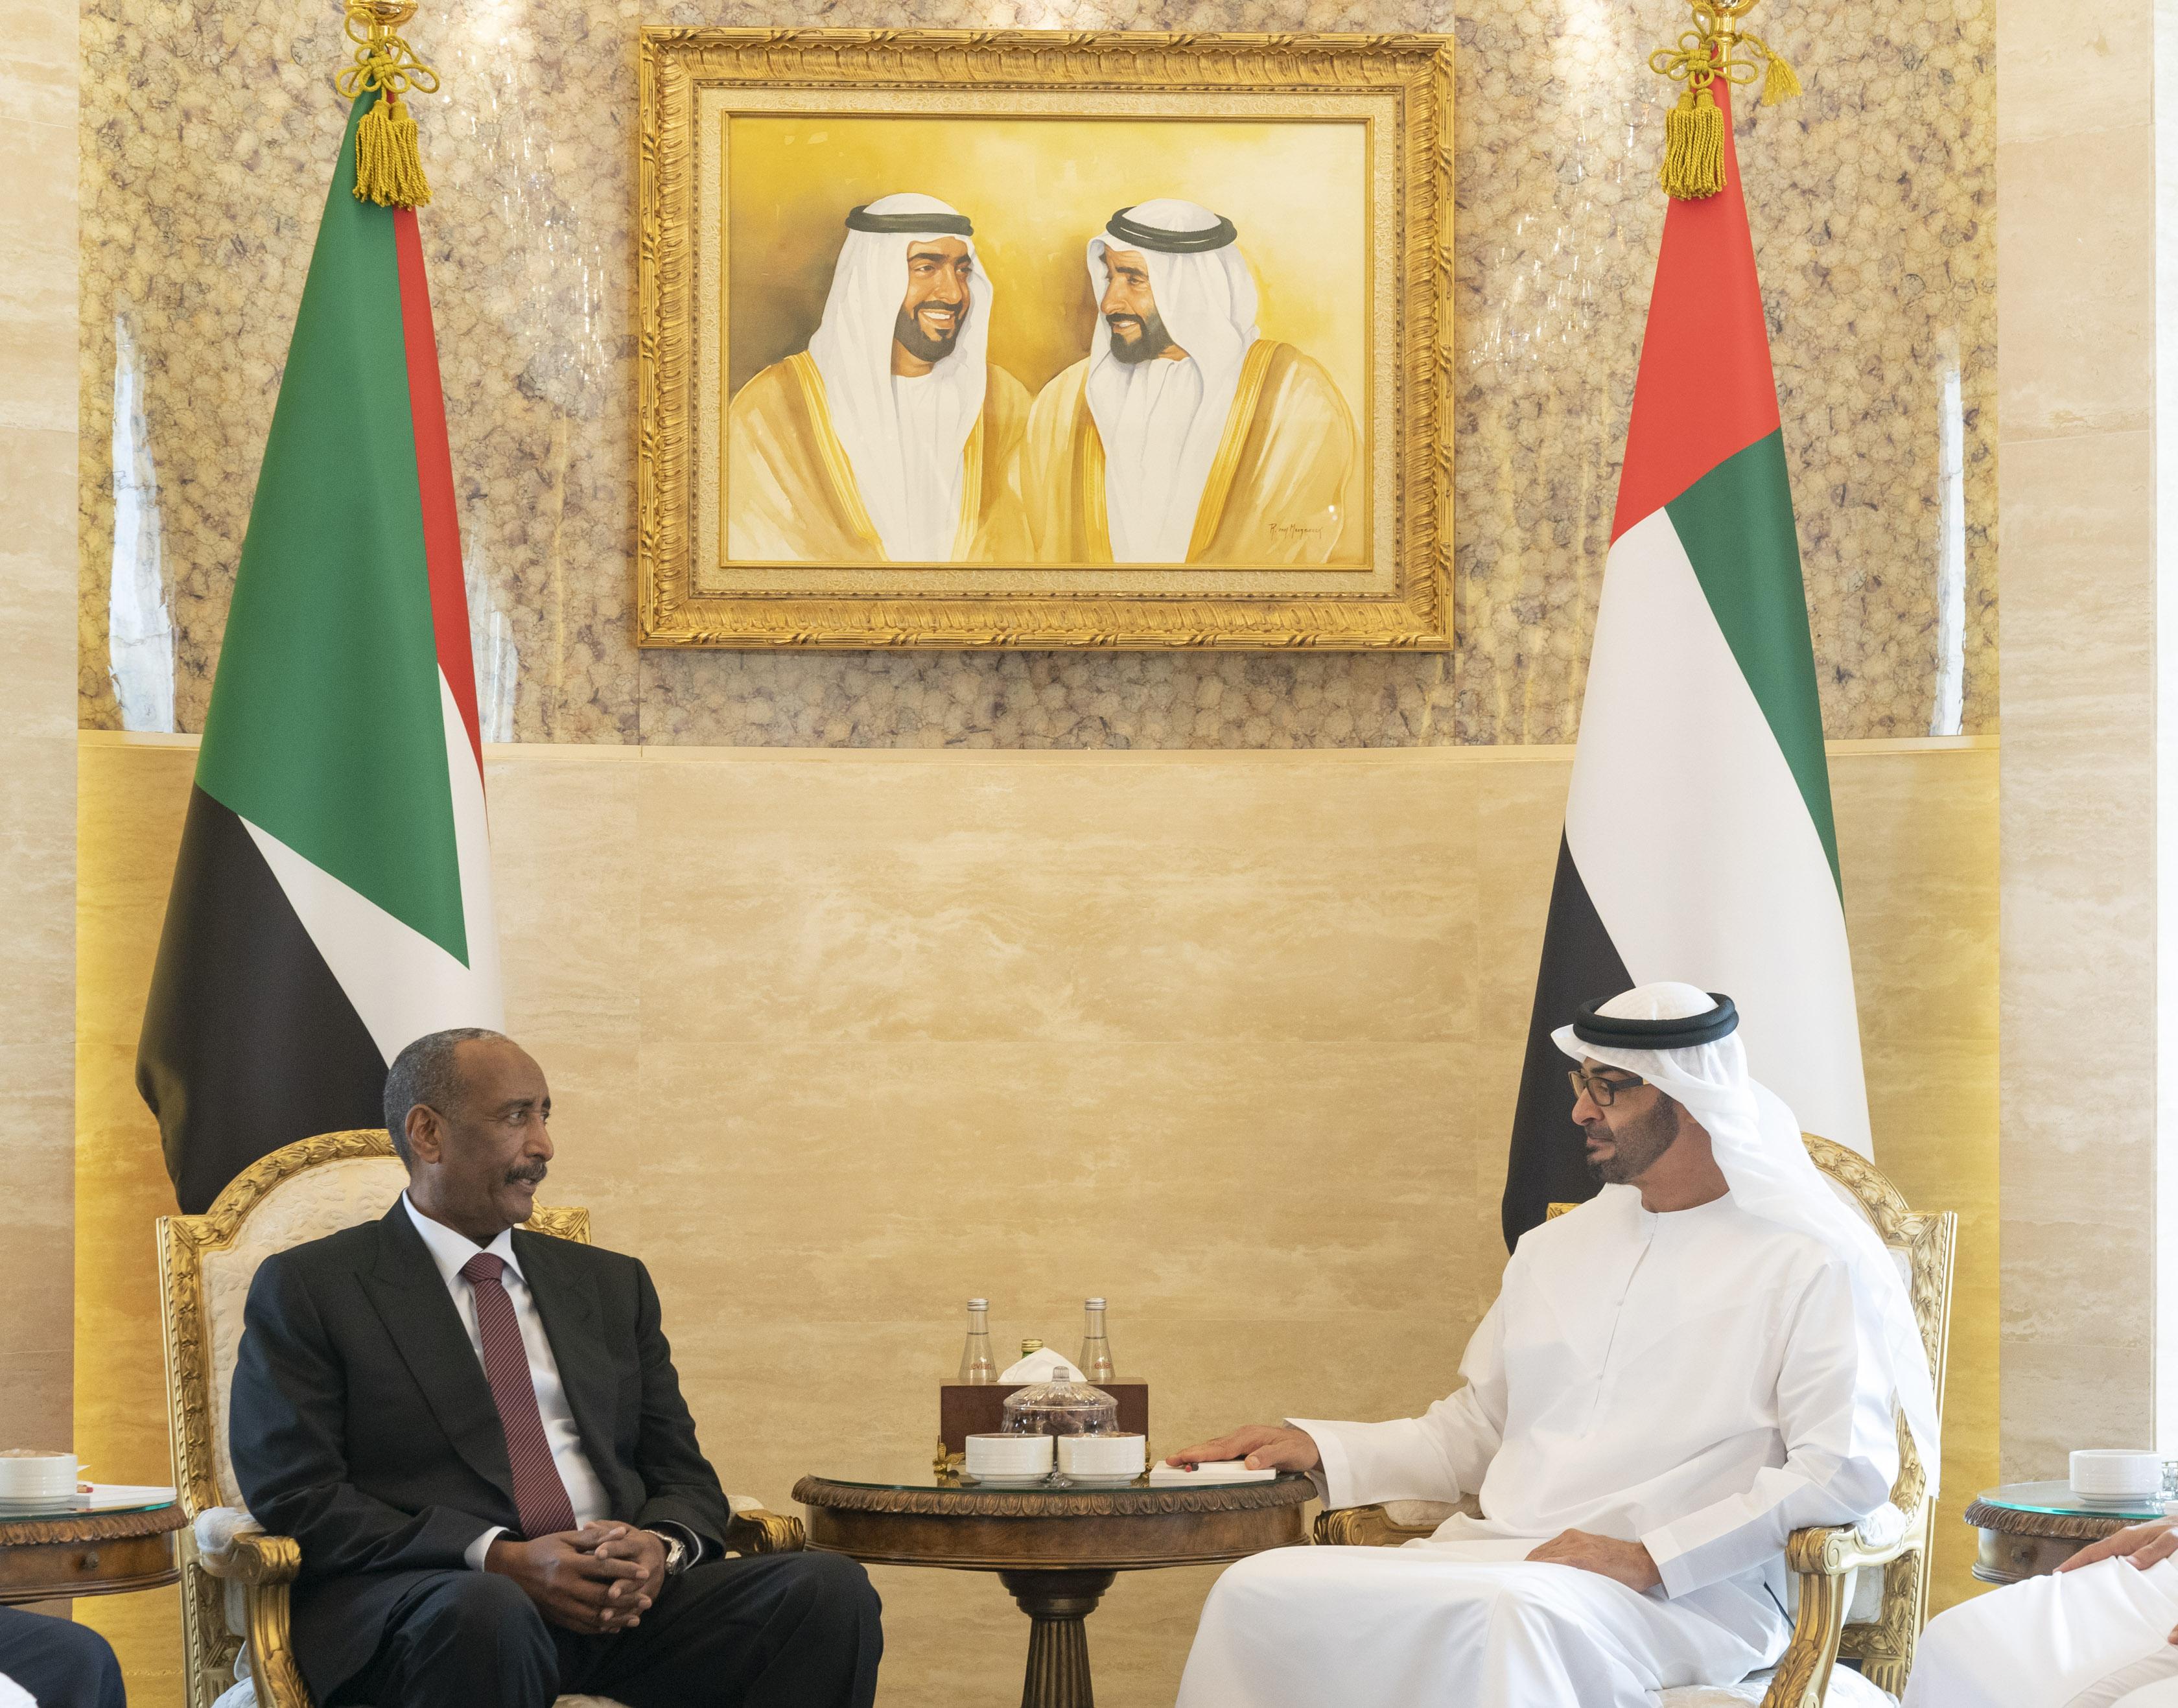 محمد بن زايد يستقبل رئيسي المجلس السيادي والحكومة الانتقالية في السودان